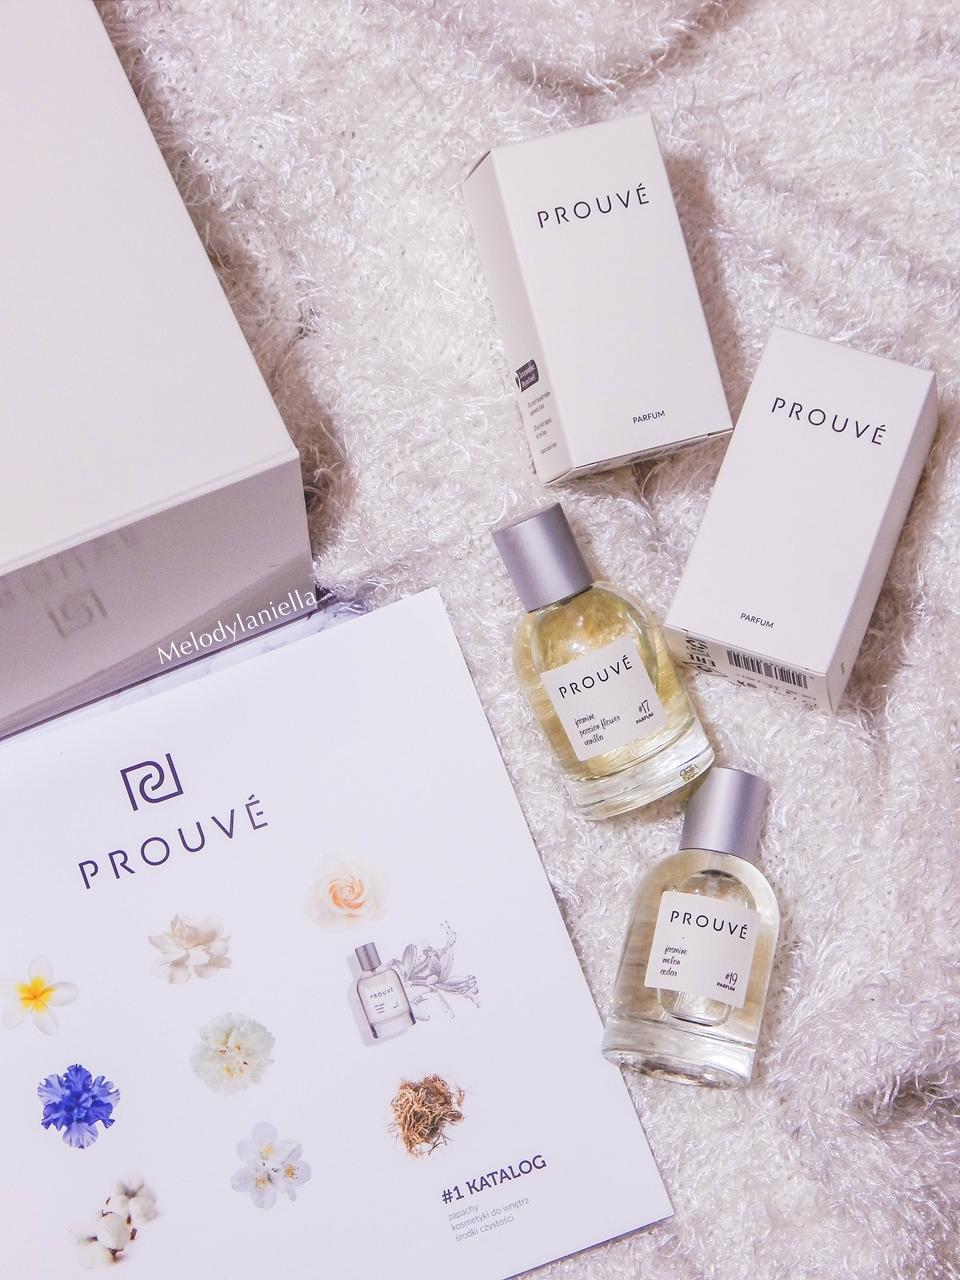 4 kosmetyki do wnętrz na bazie perfum jak zachować ładny zapach w domu, czym usunąć brzydki zapach w domu, perfumy do wnętrz i mieszkań perfumy dla kobiet duży wybór zapachów prouve